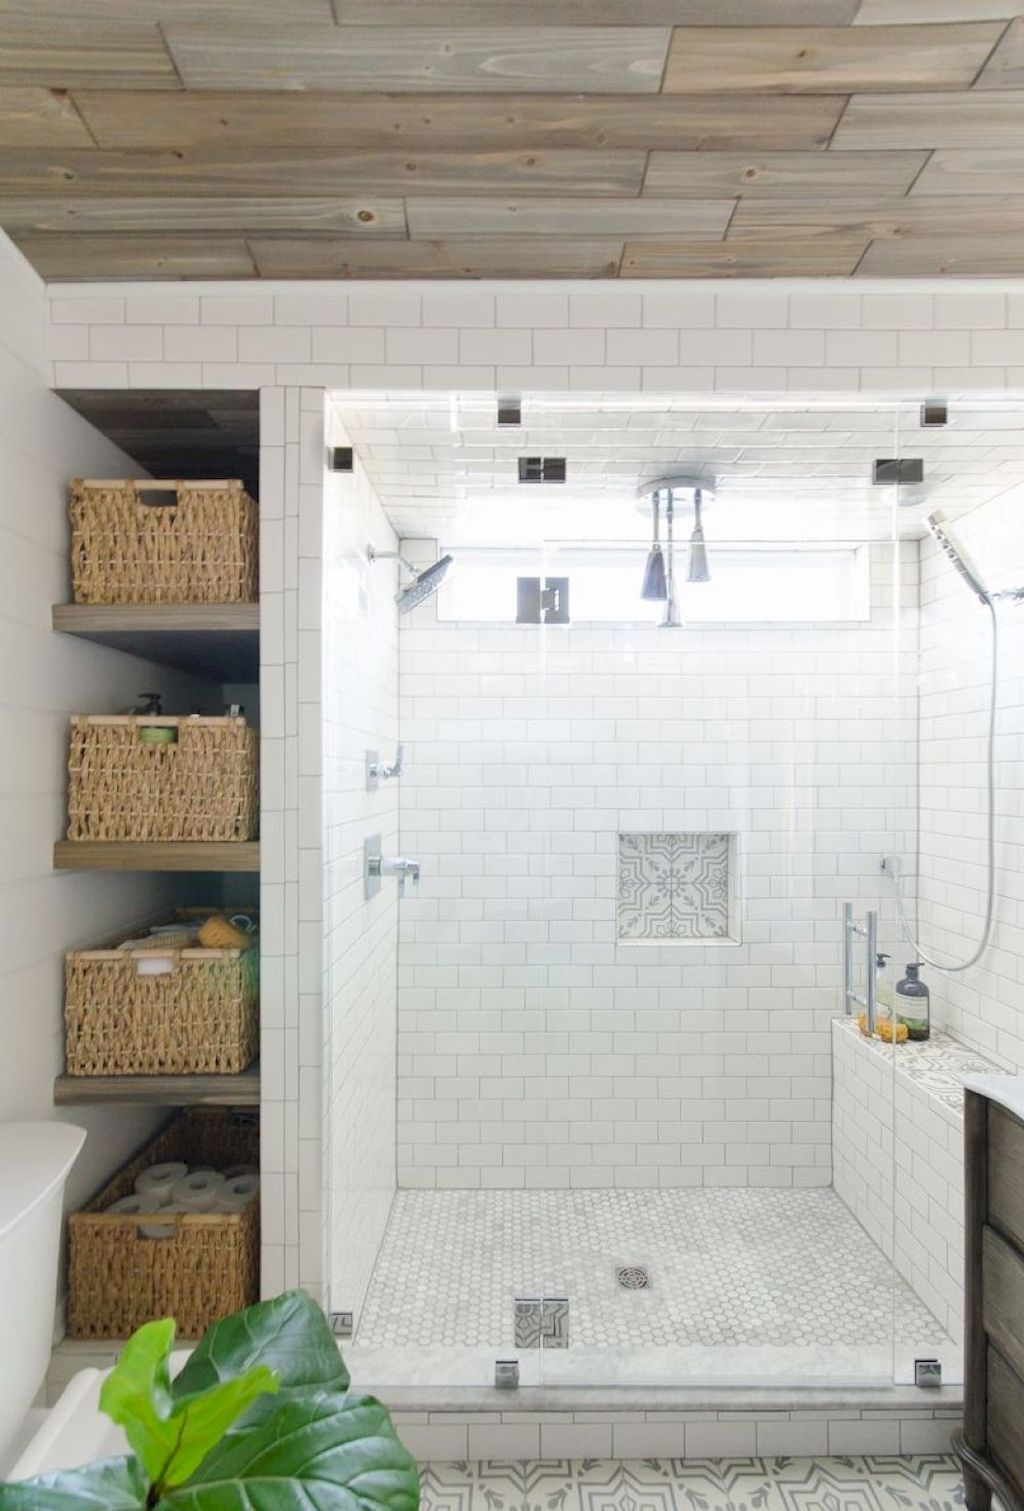 23 Vanities Bathroom Ideas To Get Your Best Master Bathroom Makeover Bathroom Remodel Master Farmhouse Master Bathroom